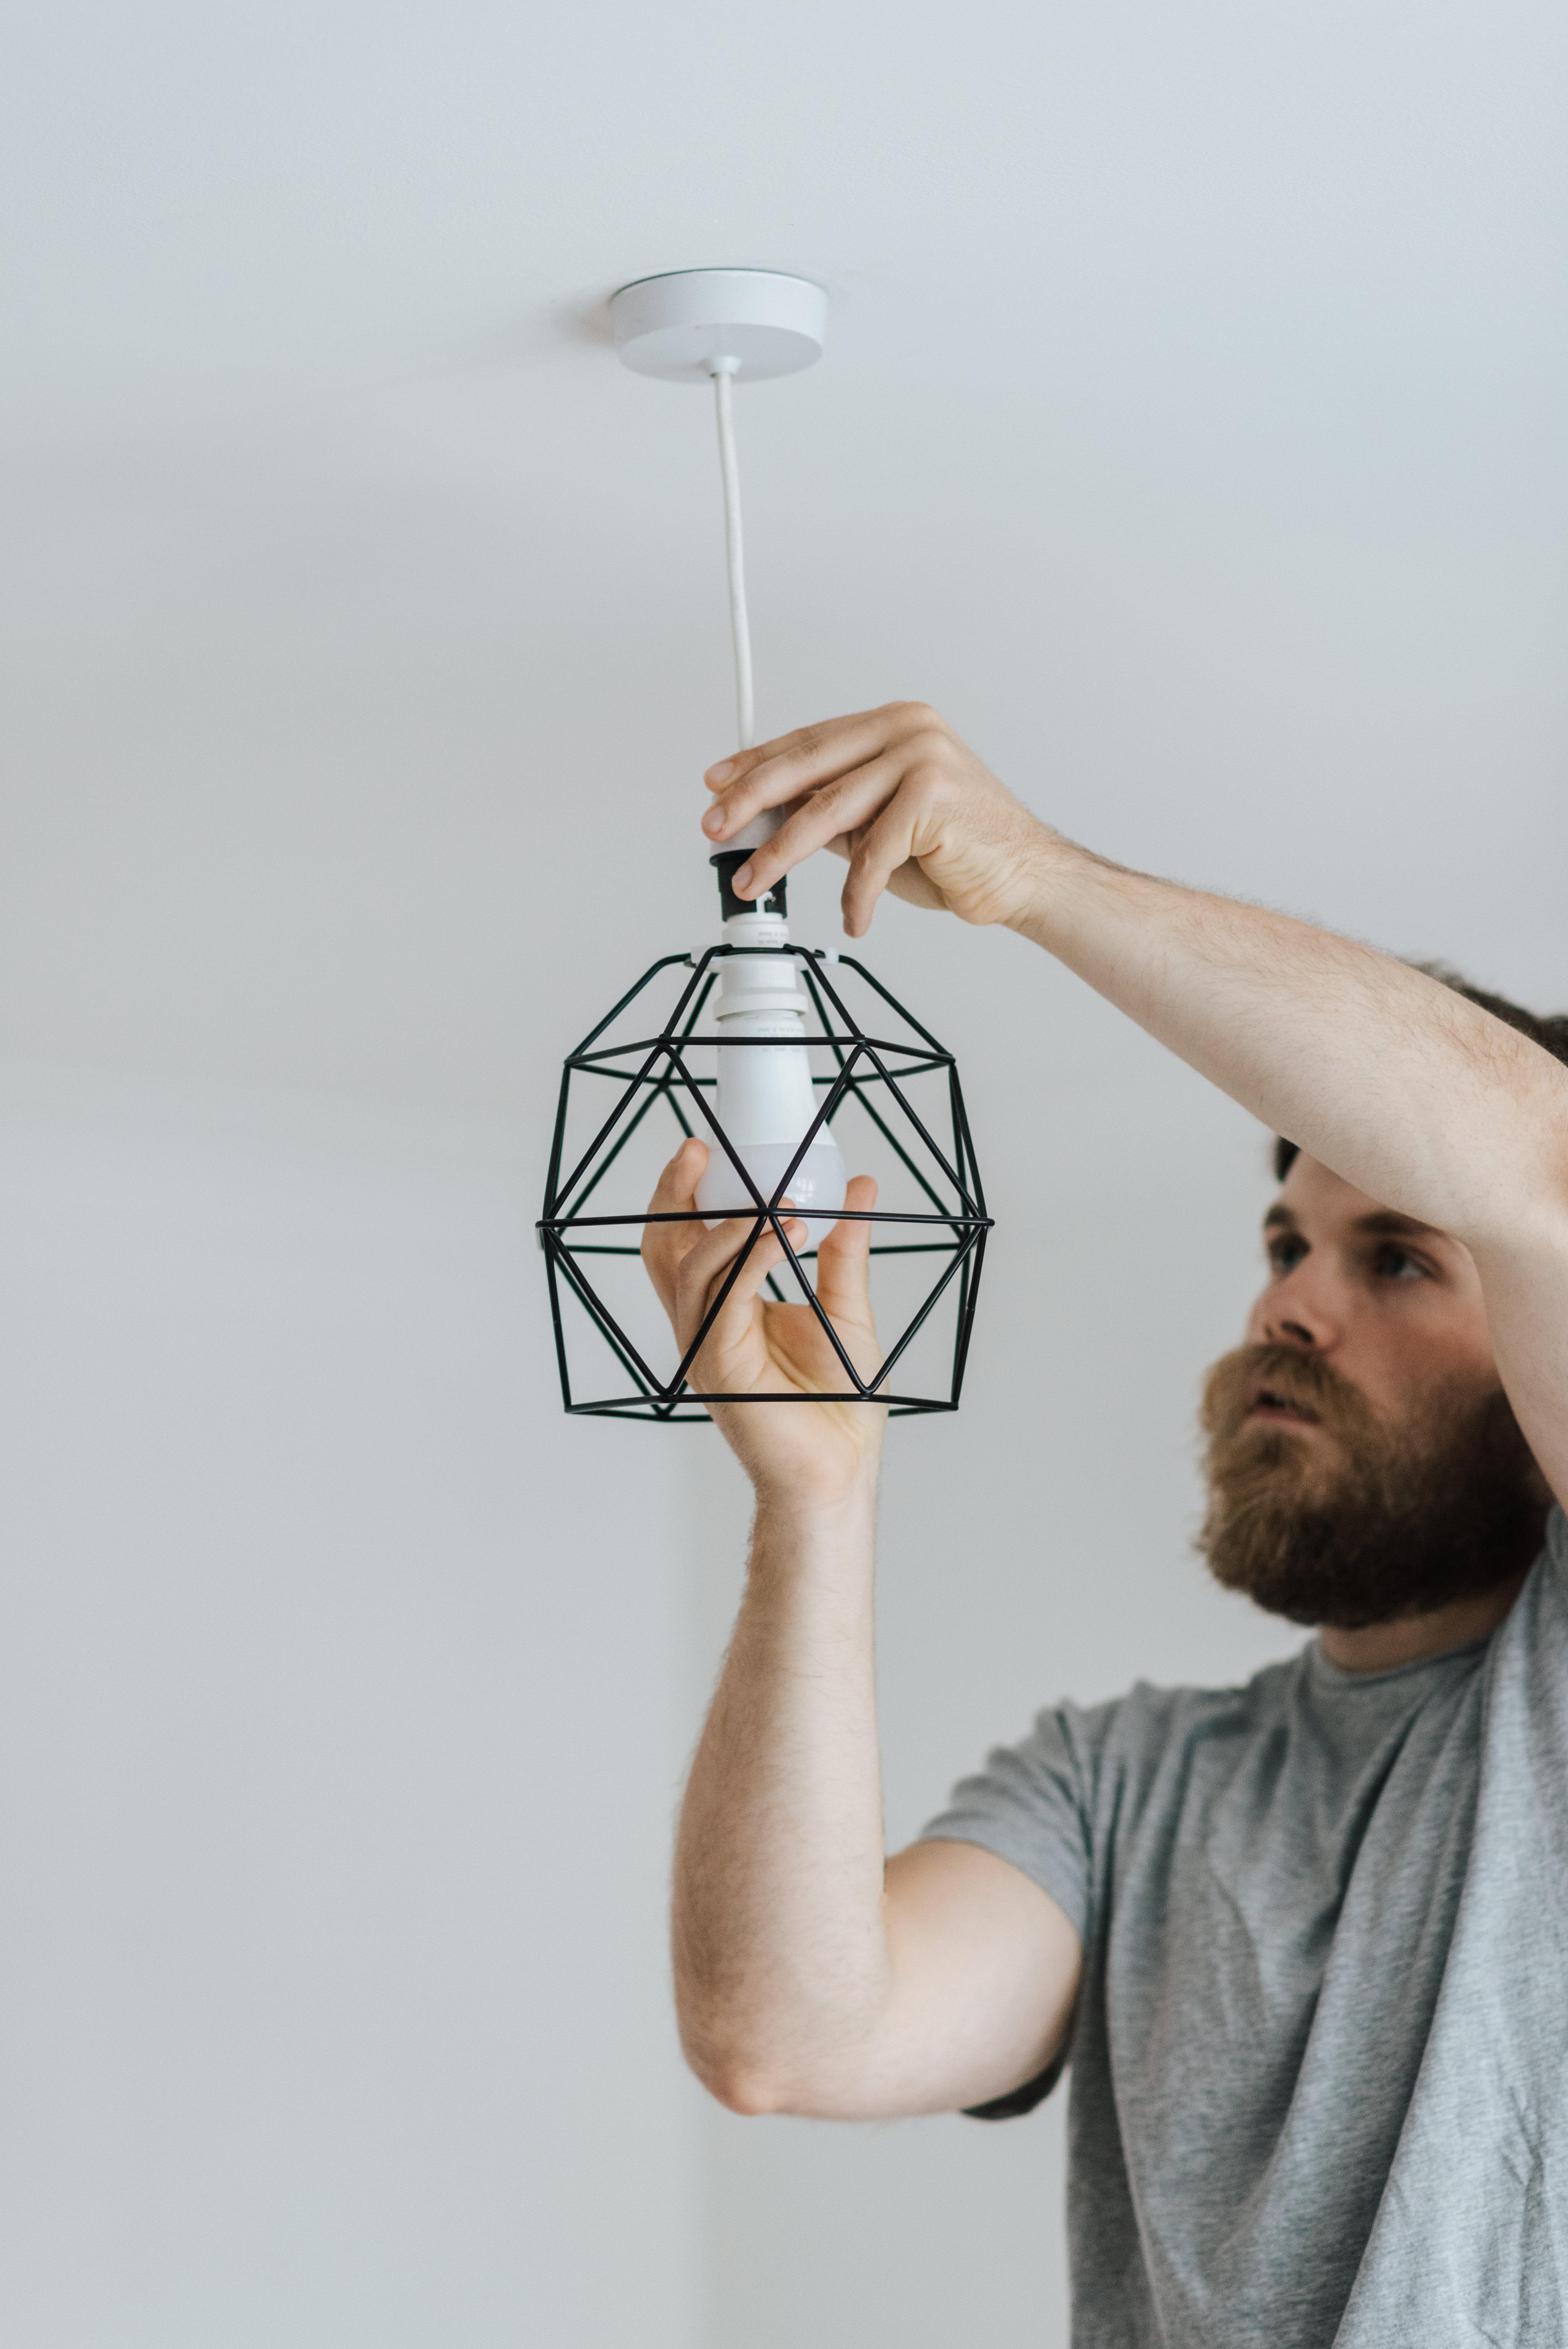 akcesoria oświetleniowe niezbędne do montażu lamp i taśm LED